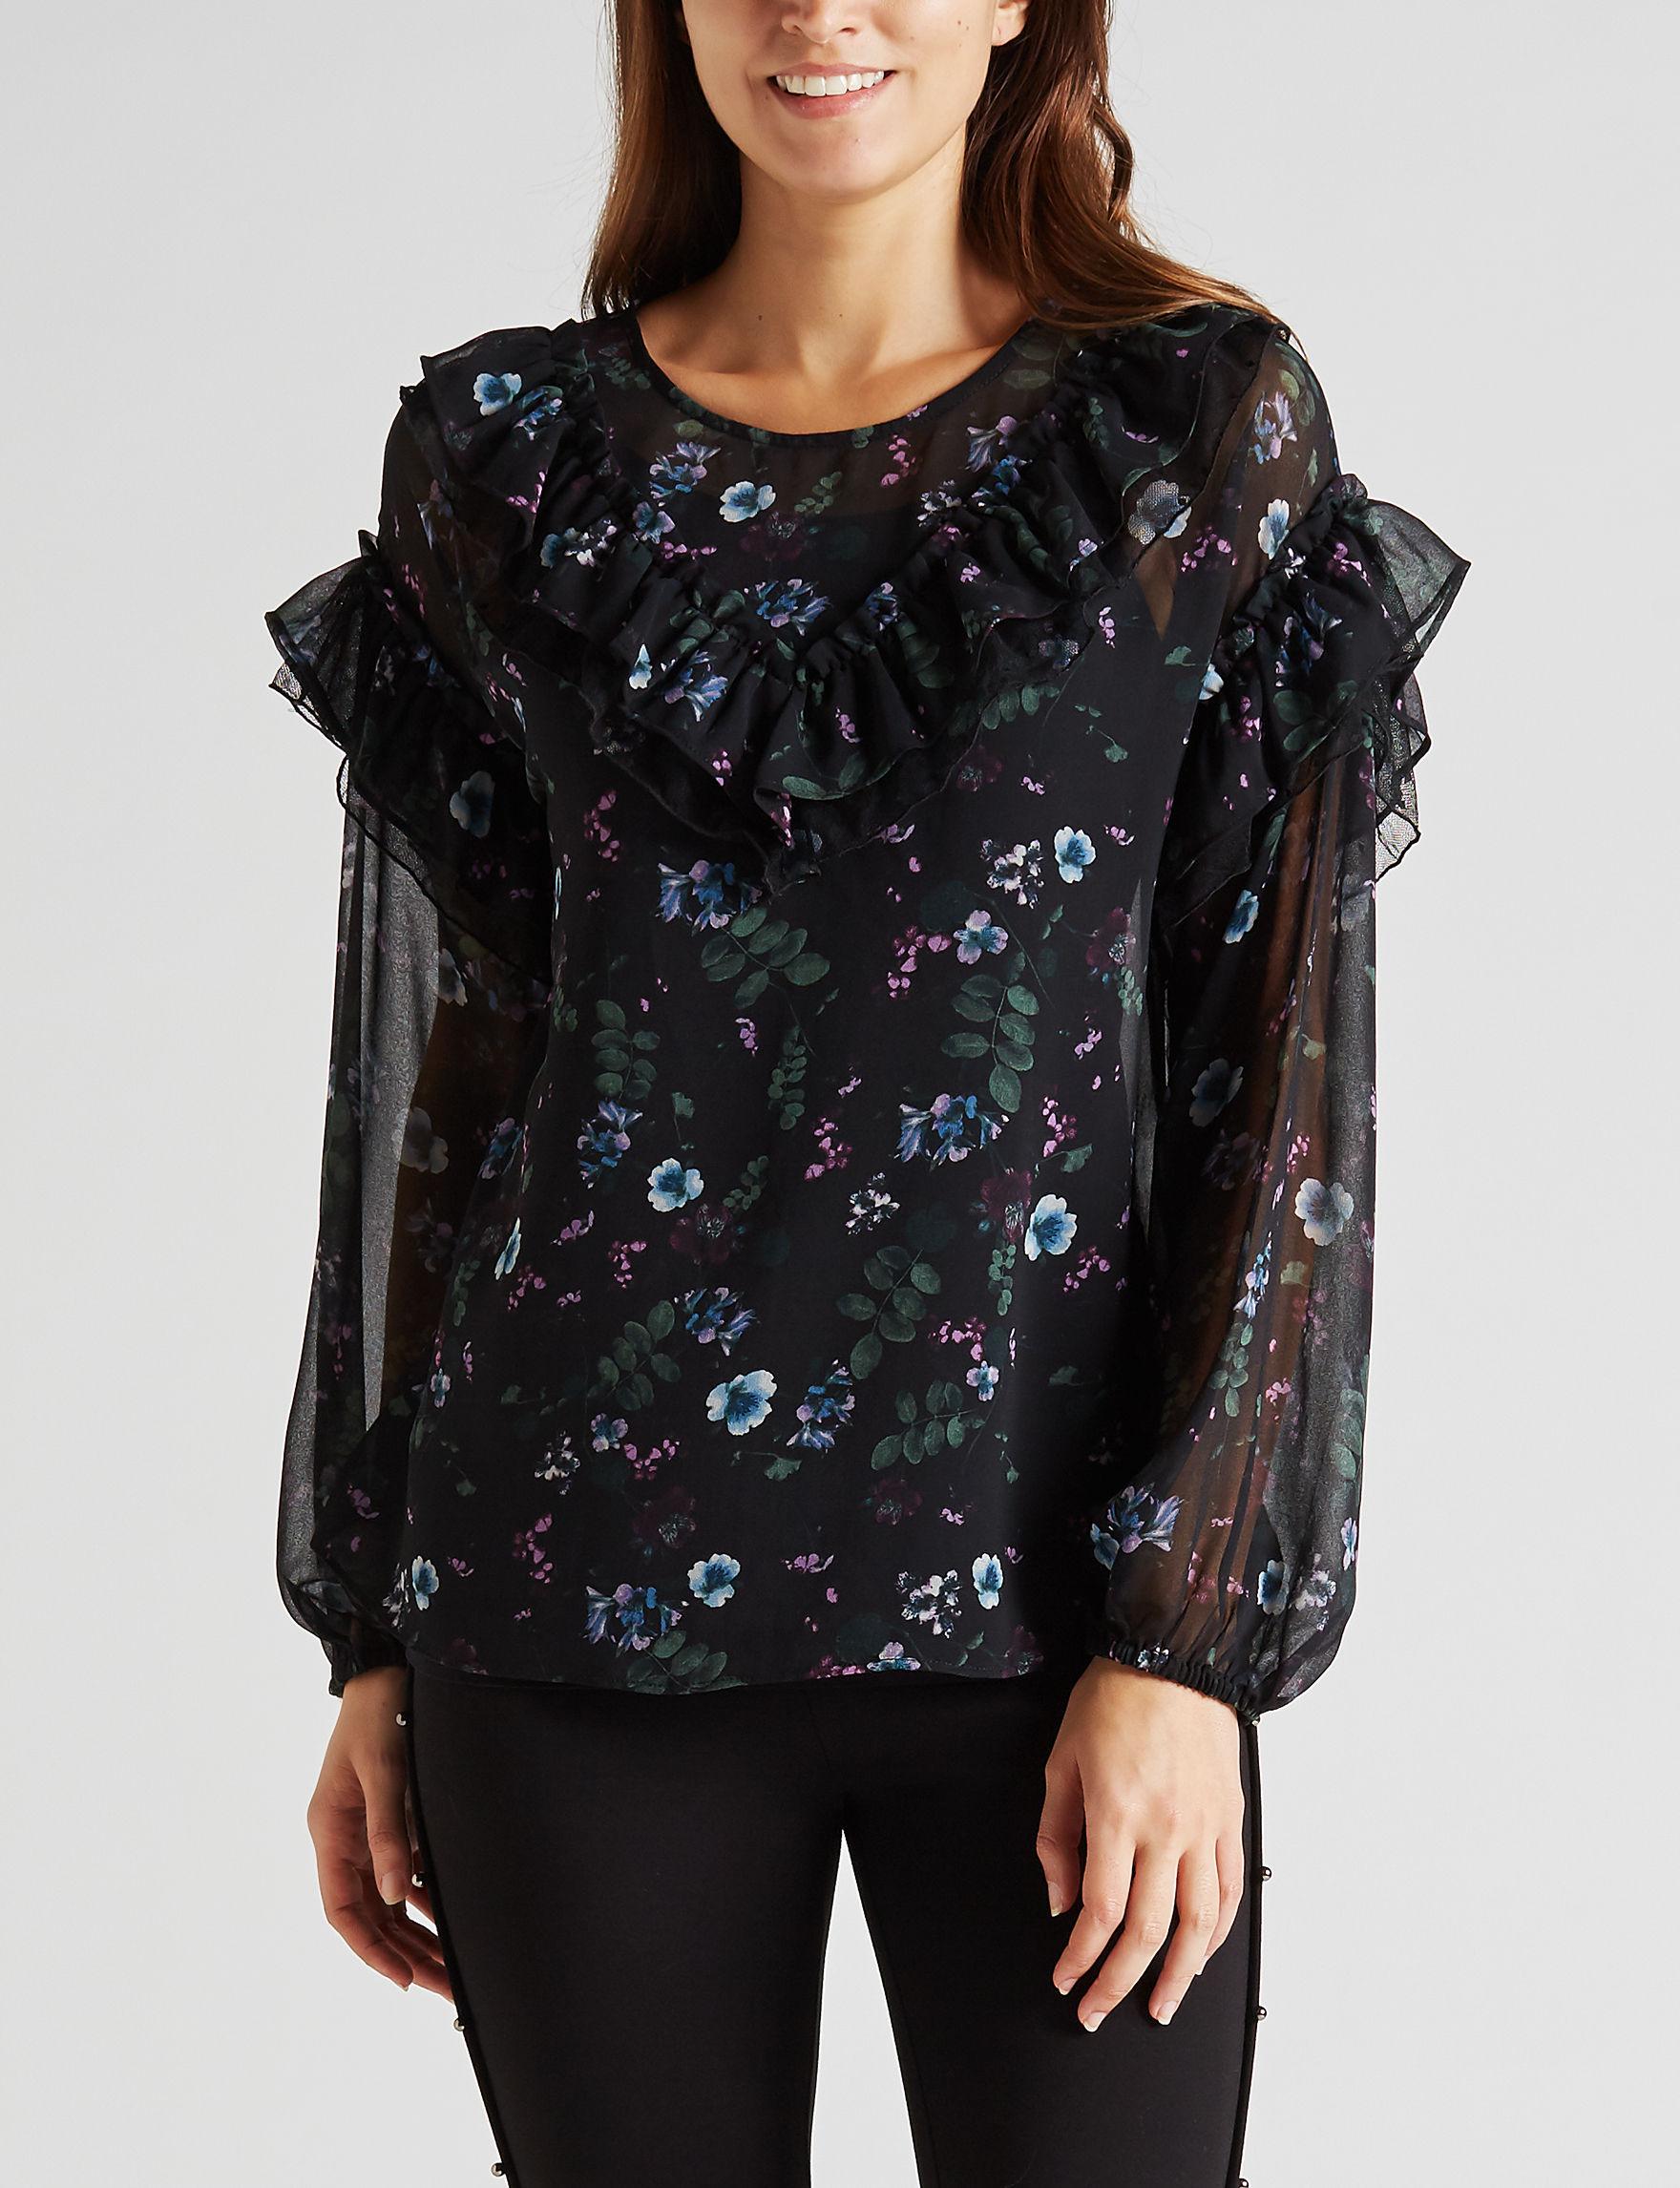 Kensie Black Shirts & Blouses